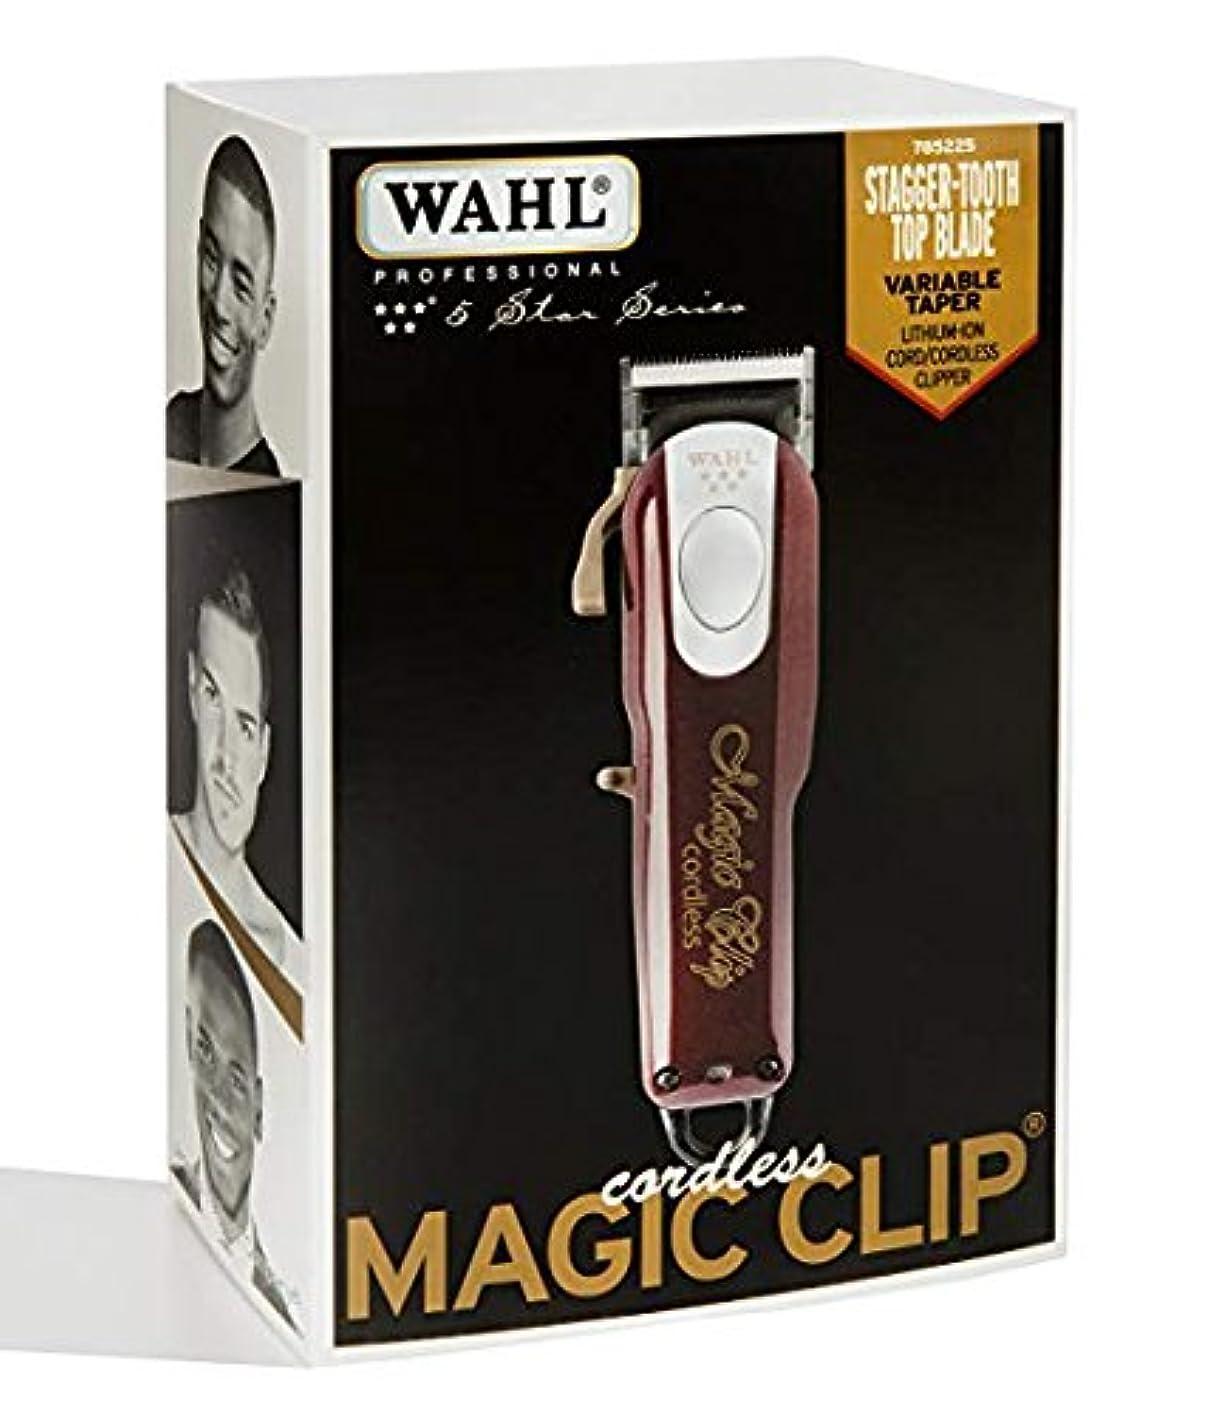 個人的に証明書植物学者[Wahl] [すばらしいです 専用 理髪店とスタイリスト - 90分以上の実行時間 / Professional 5-Star Cord/Cordless Magic Clip #8148] (並行輸入品)